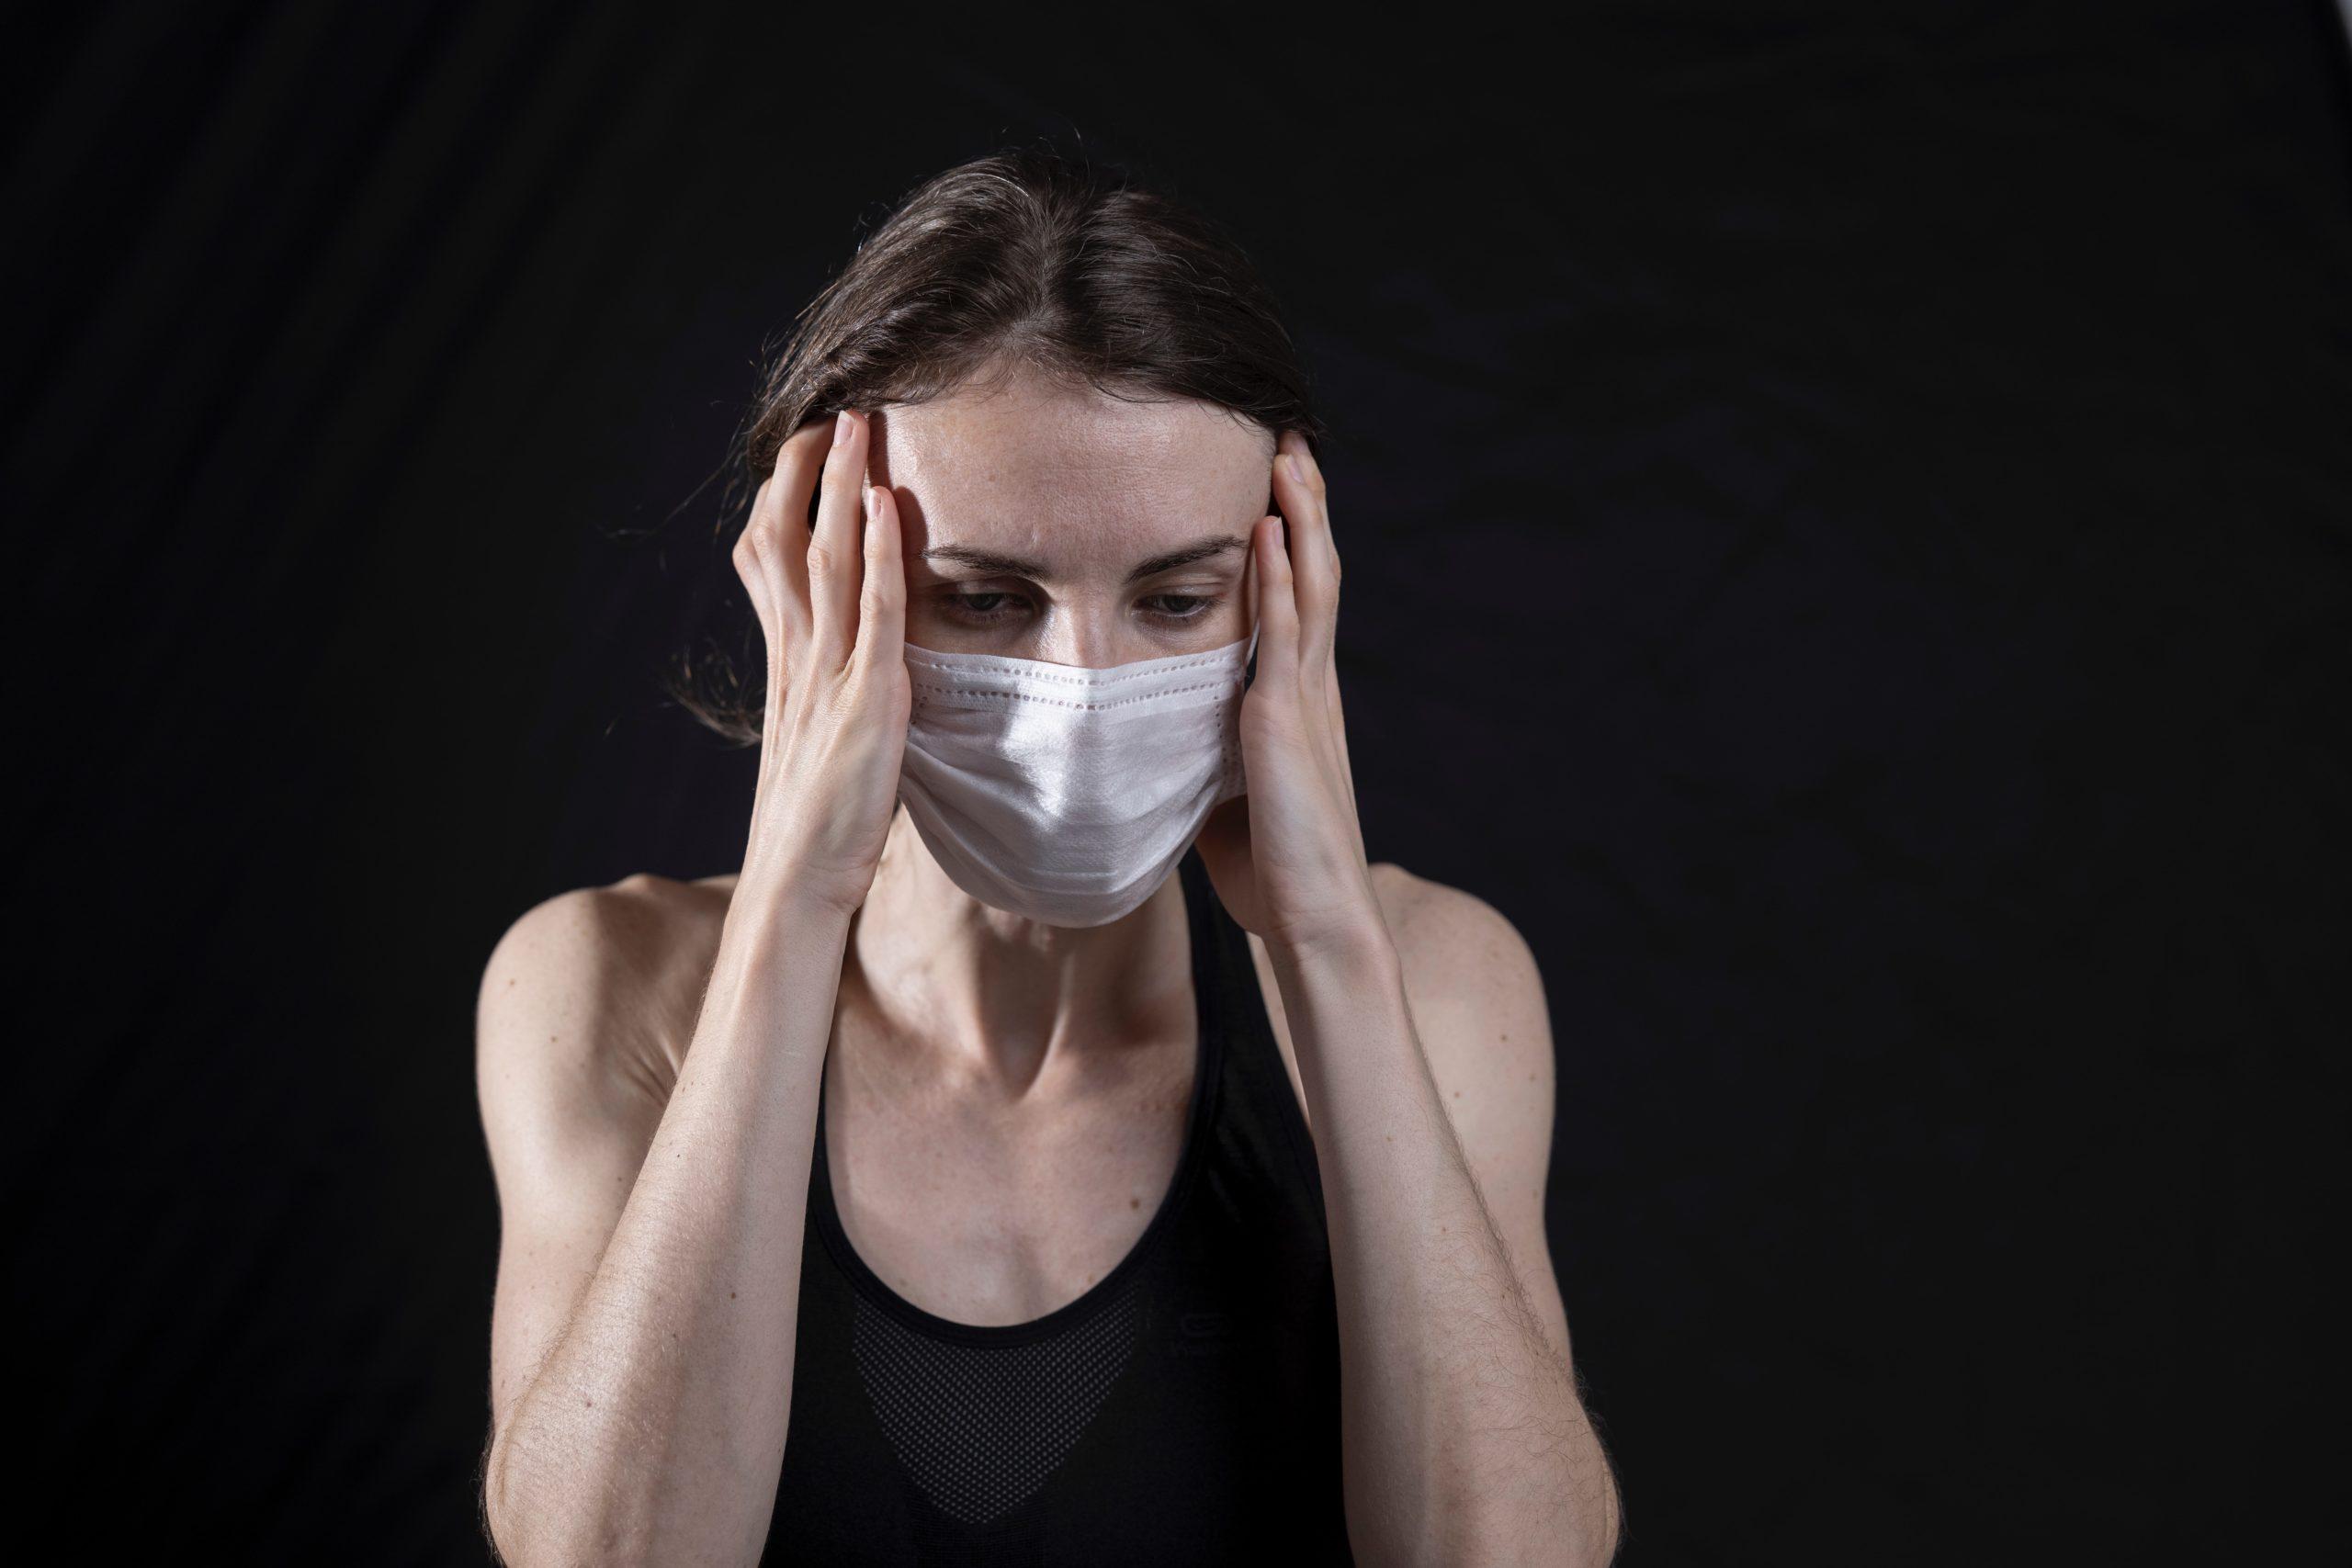 Image d'une personne en état de stress et portant un masque pour illustrer le stress du reconfinement